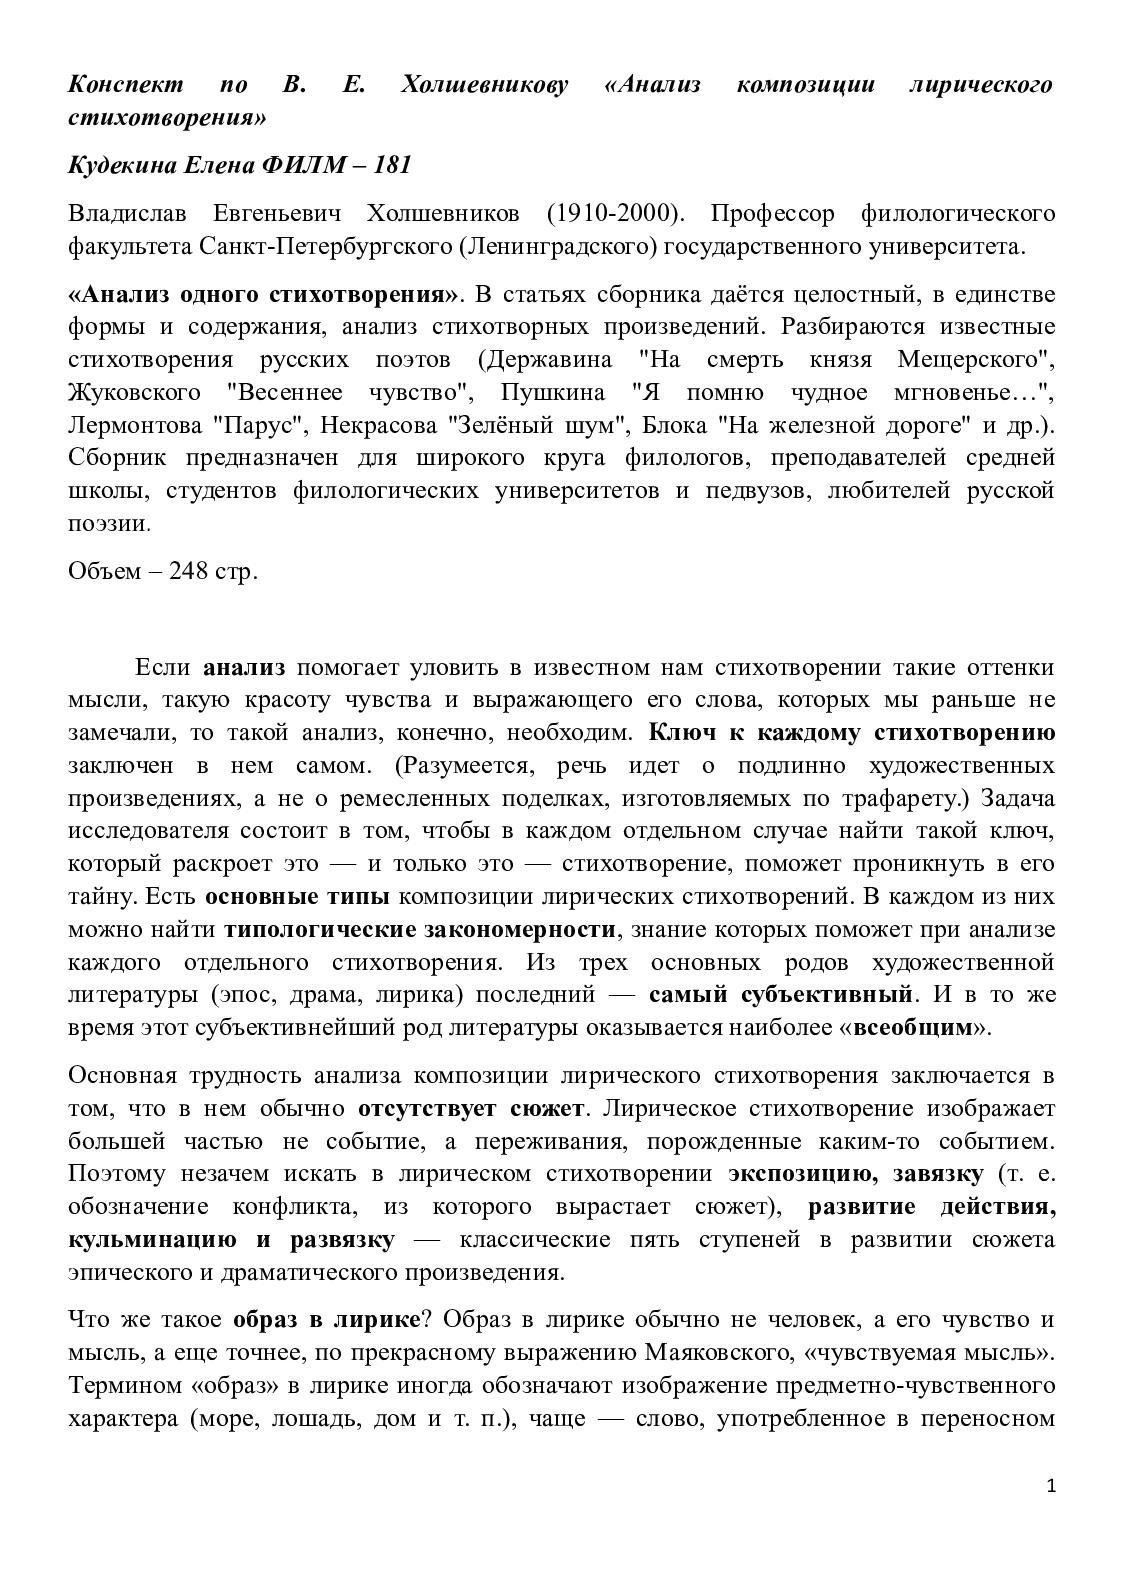 Конспект по Холшевникову